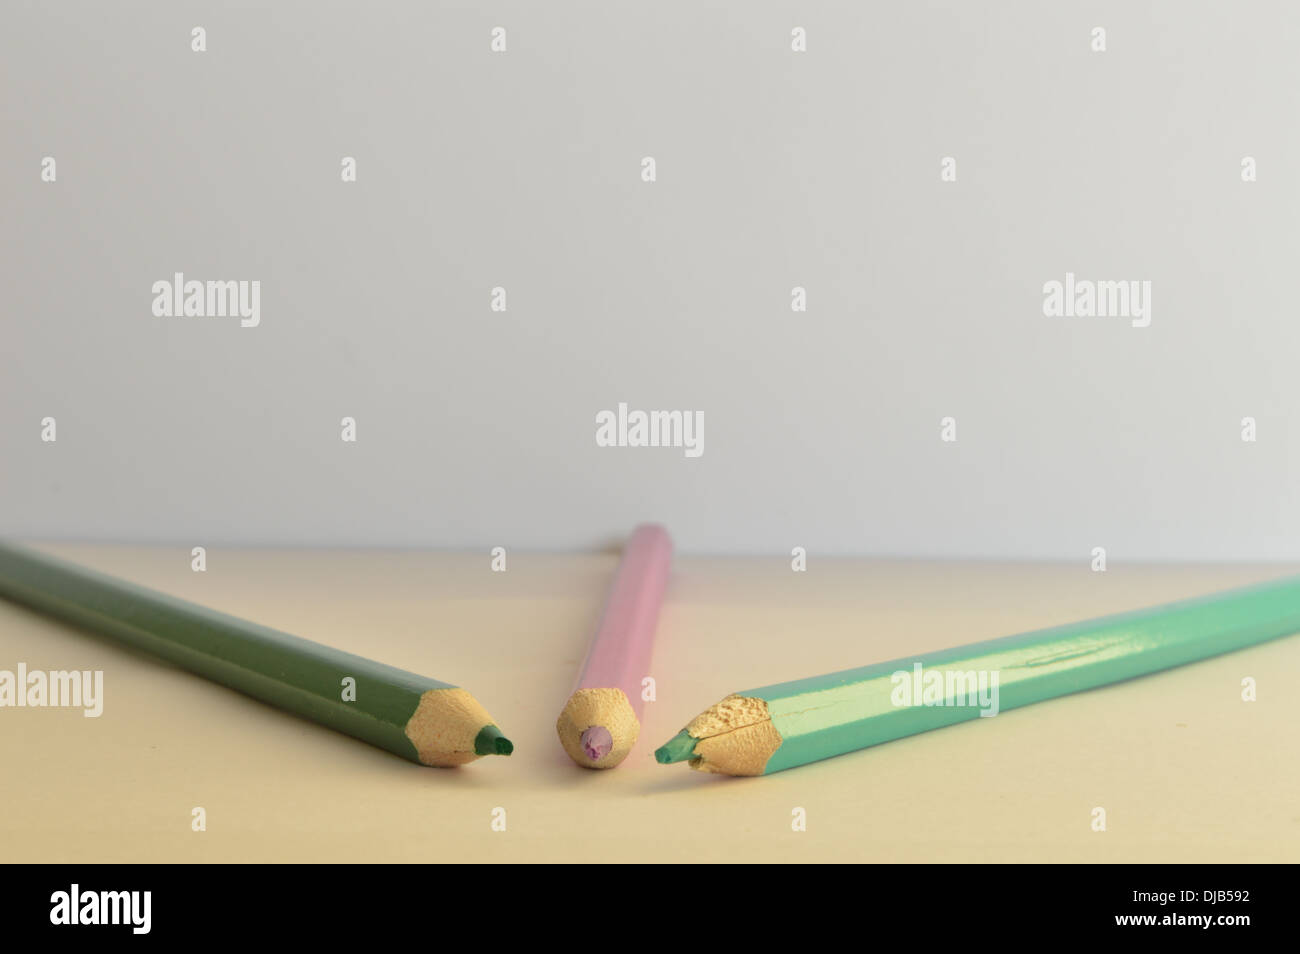 Matita colorata suggerimenti, matite colorate,forme a matita Immagini Stock